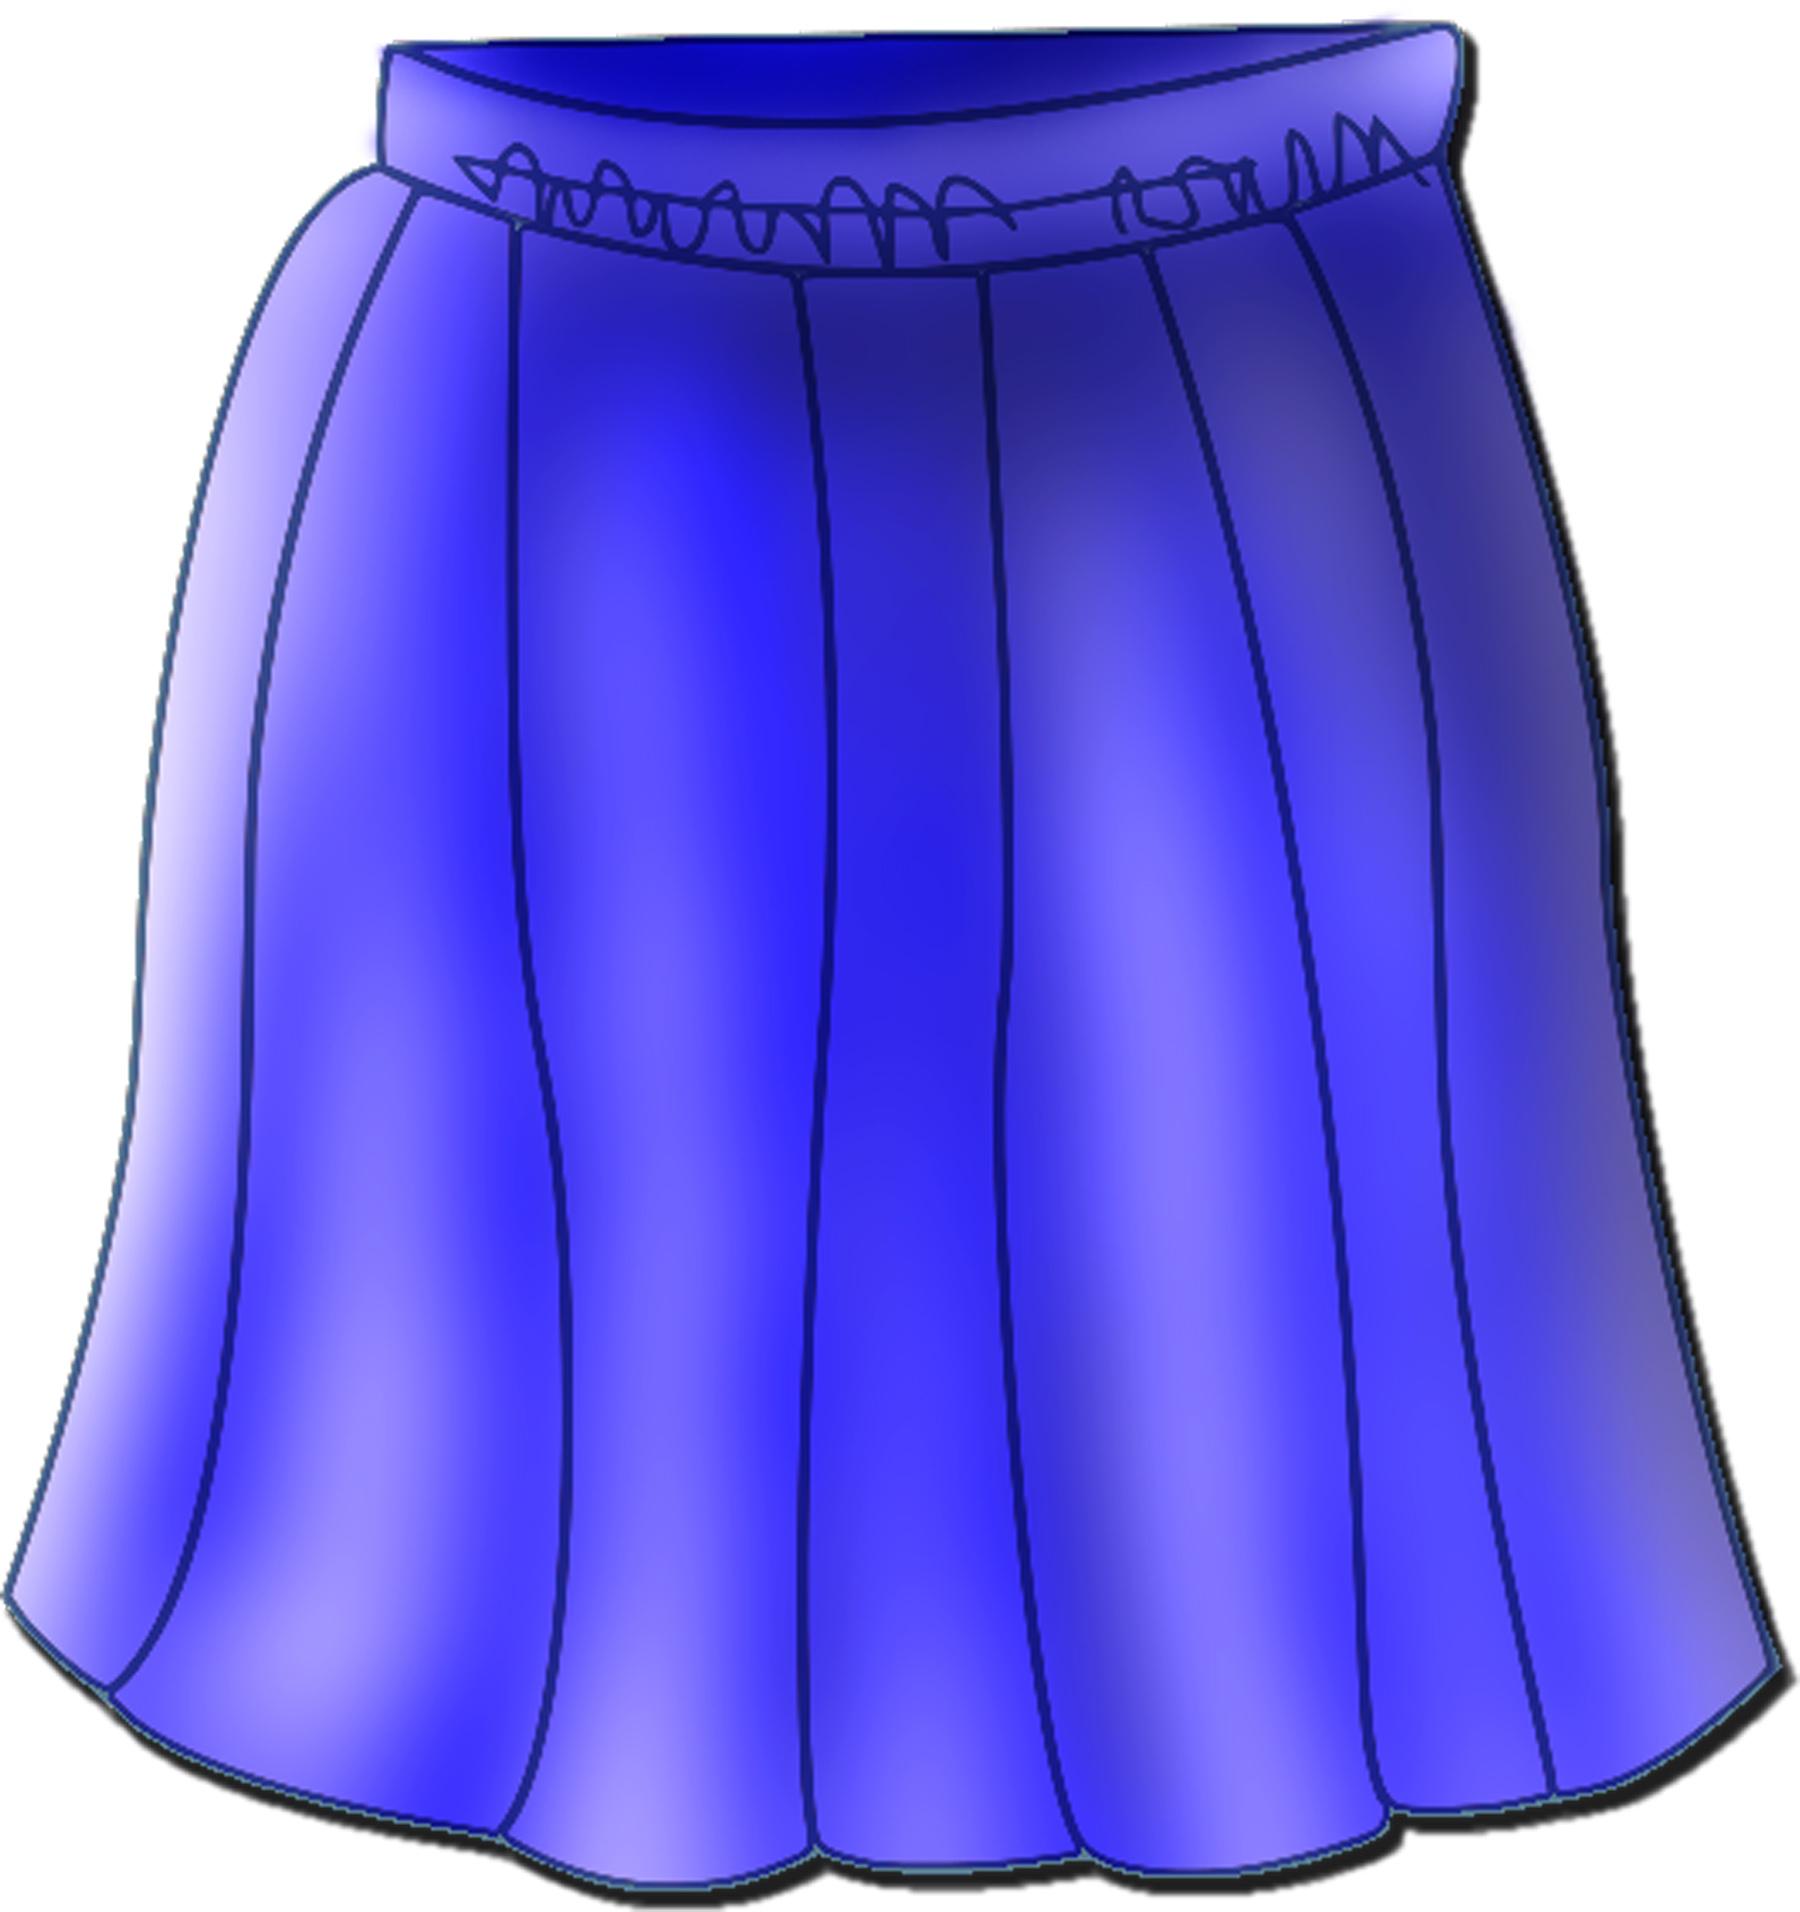 Skirt Clip Art-Skirt Clip Art-13